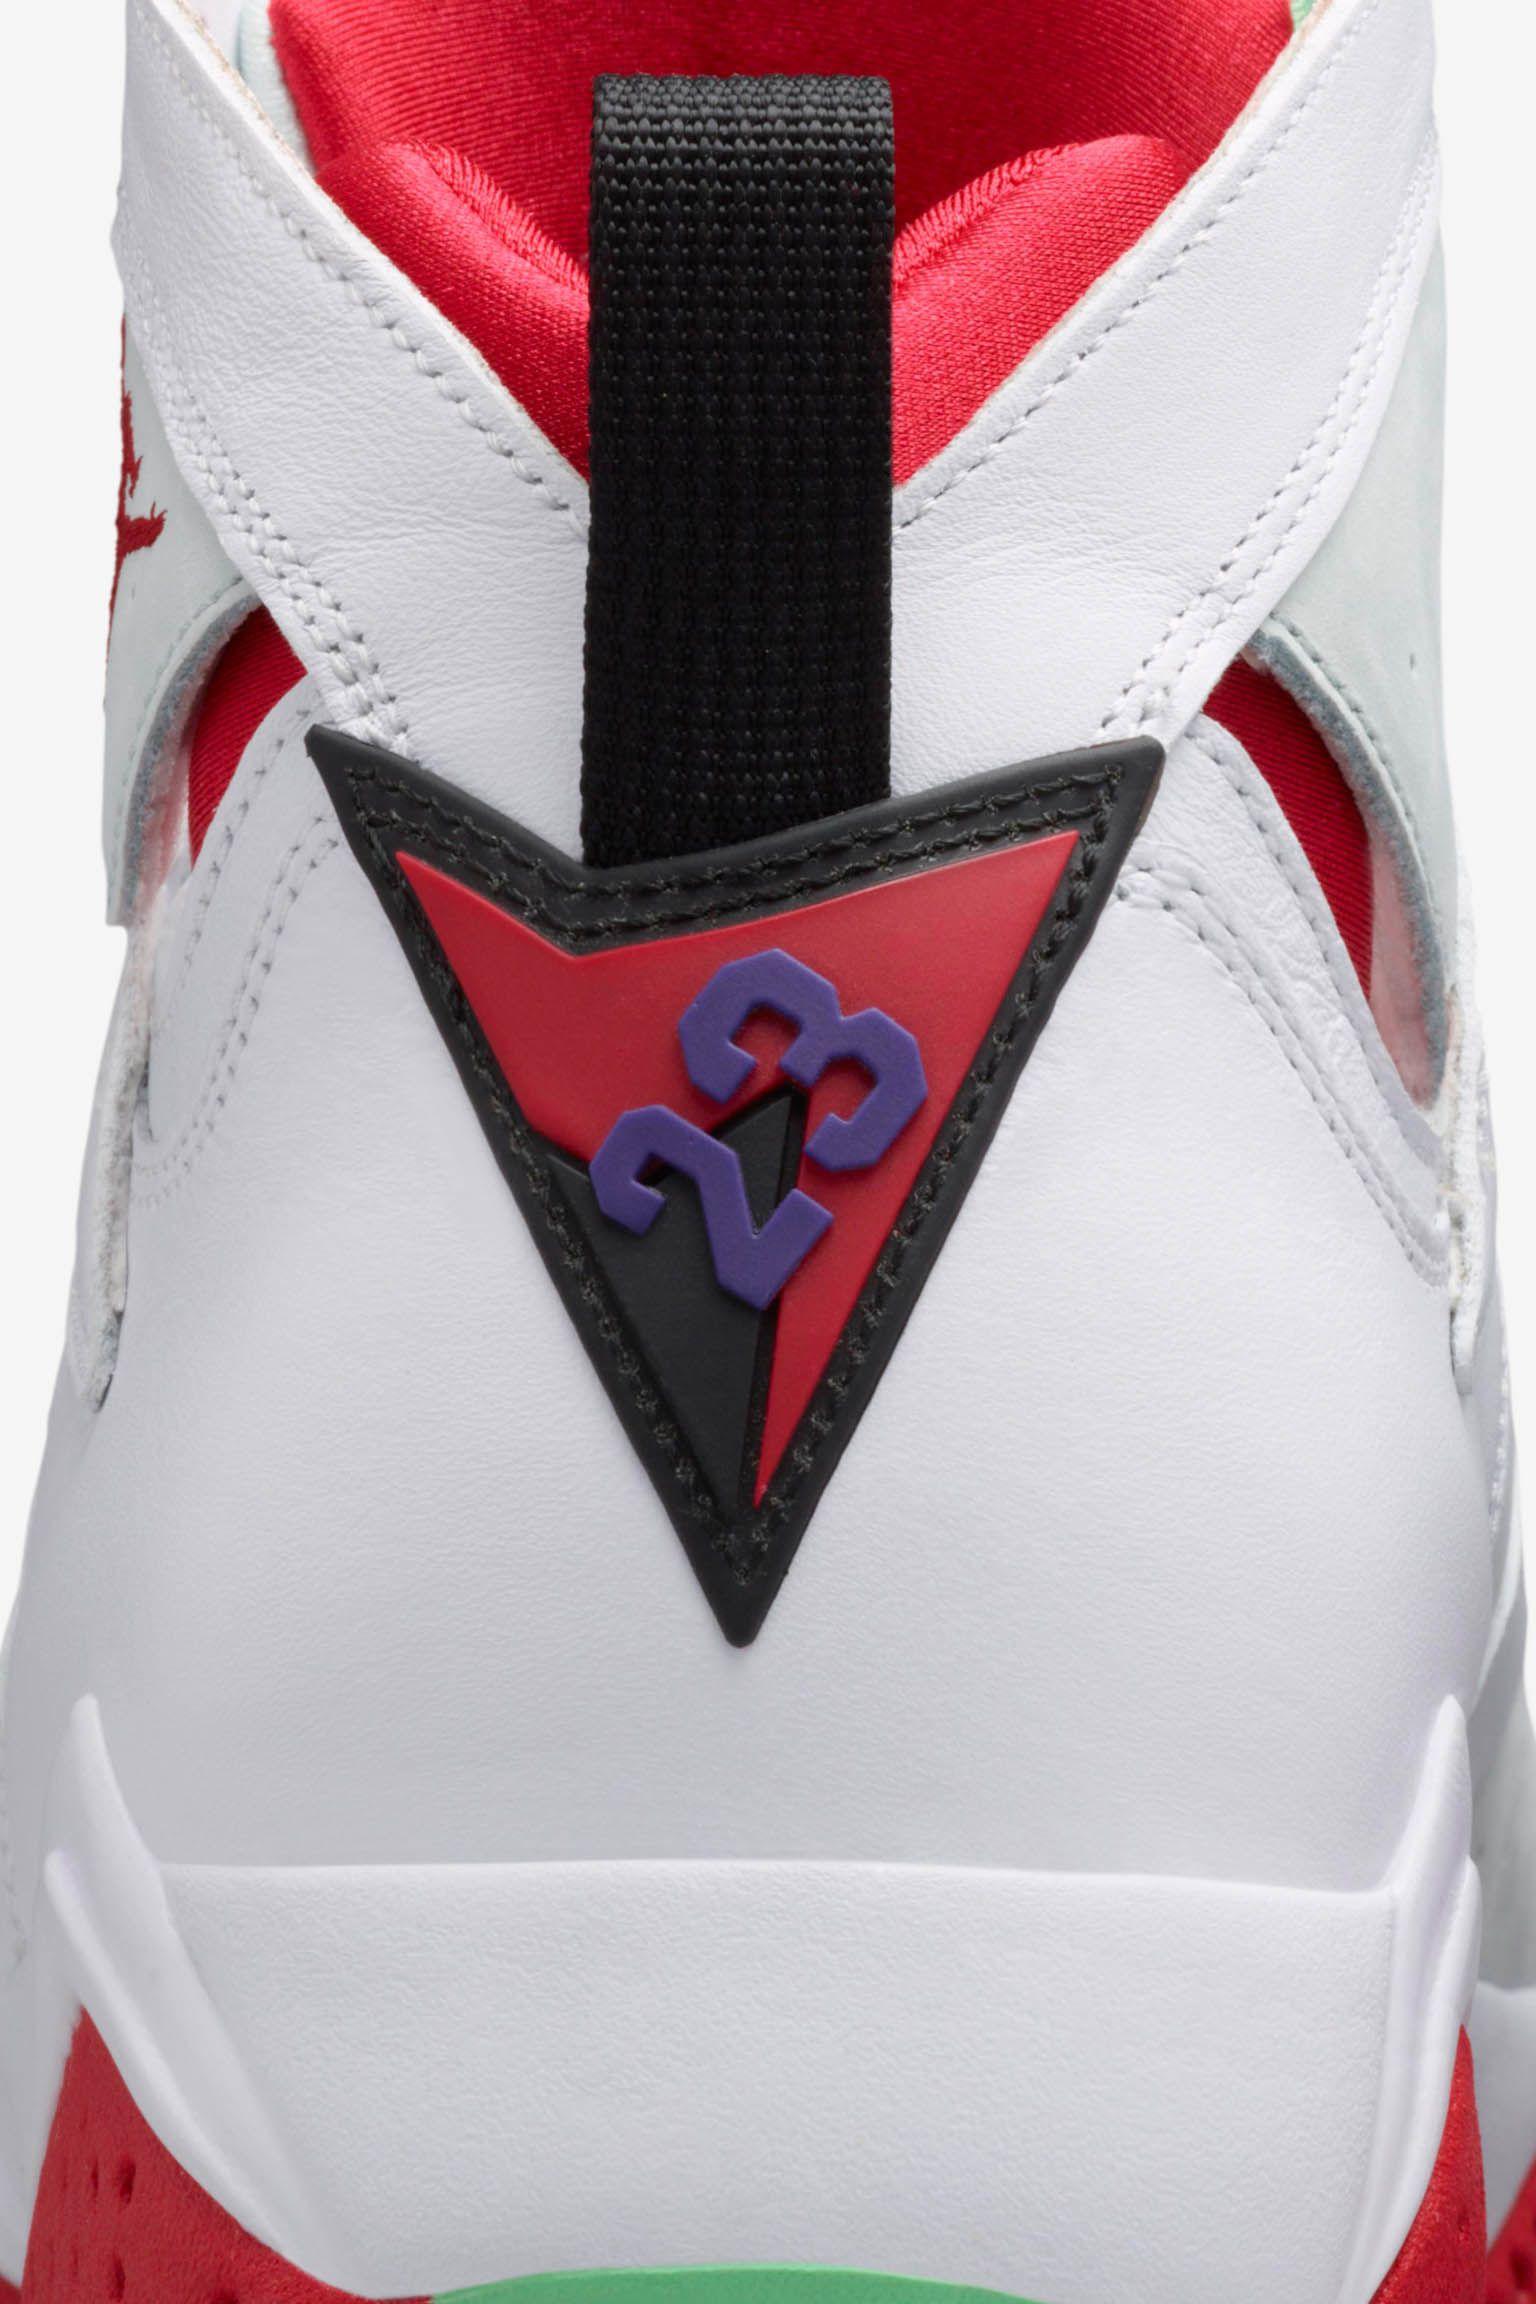 Air Jordan 7 Retro 'Hare Jordan' Release Date